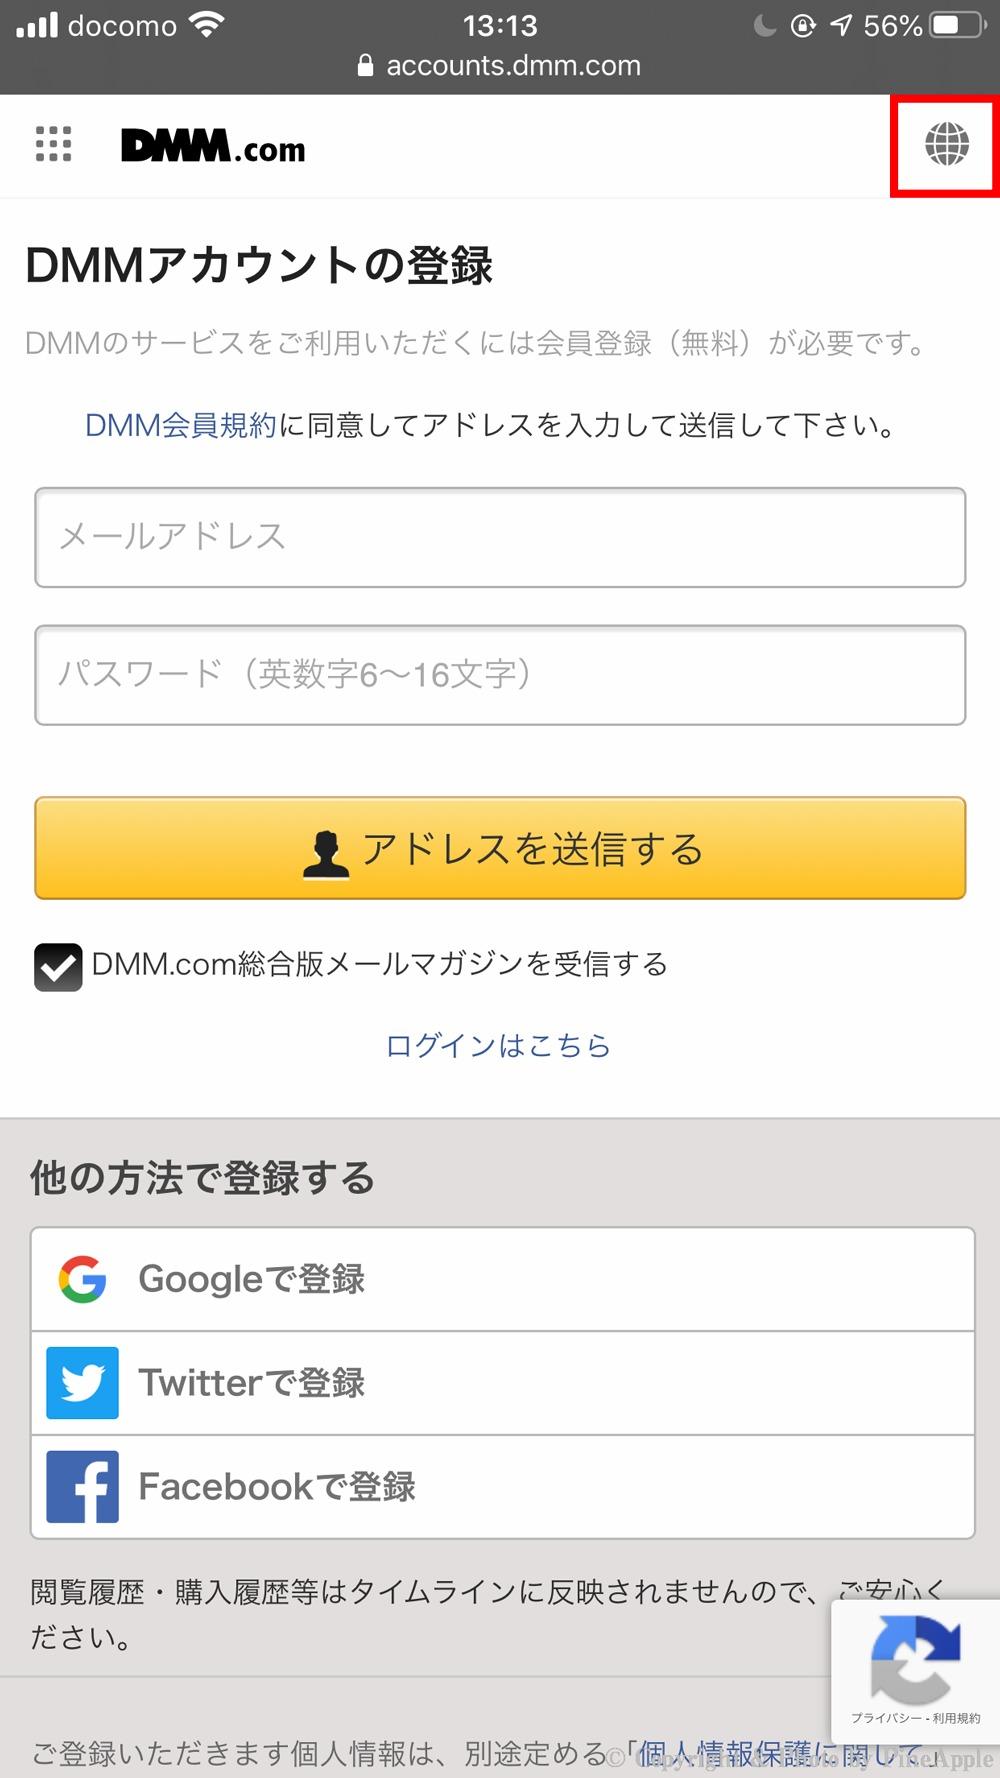 DMM アカウント:画面右上に表示されている「地球儀」のアイコンをタップすることで、言語の切り替えが